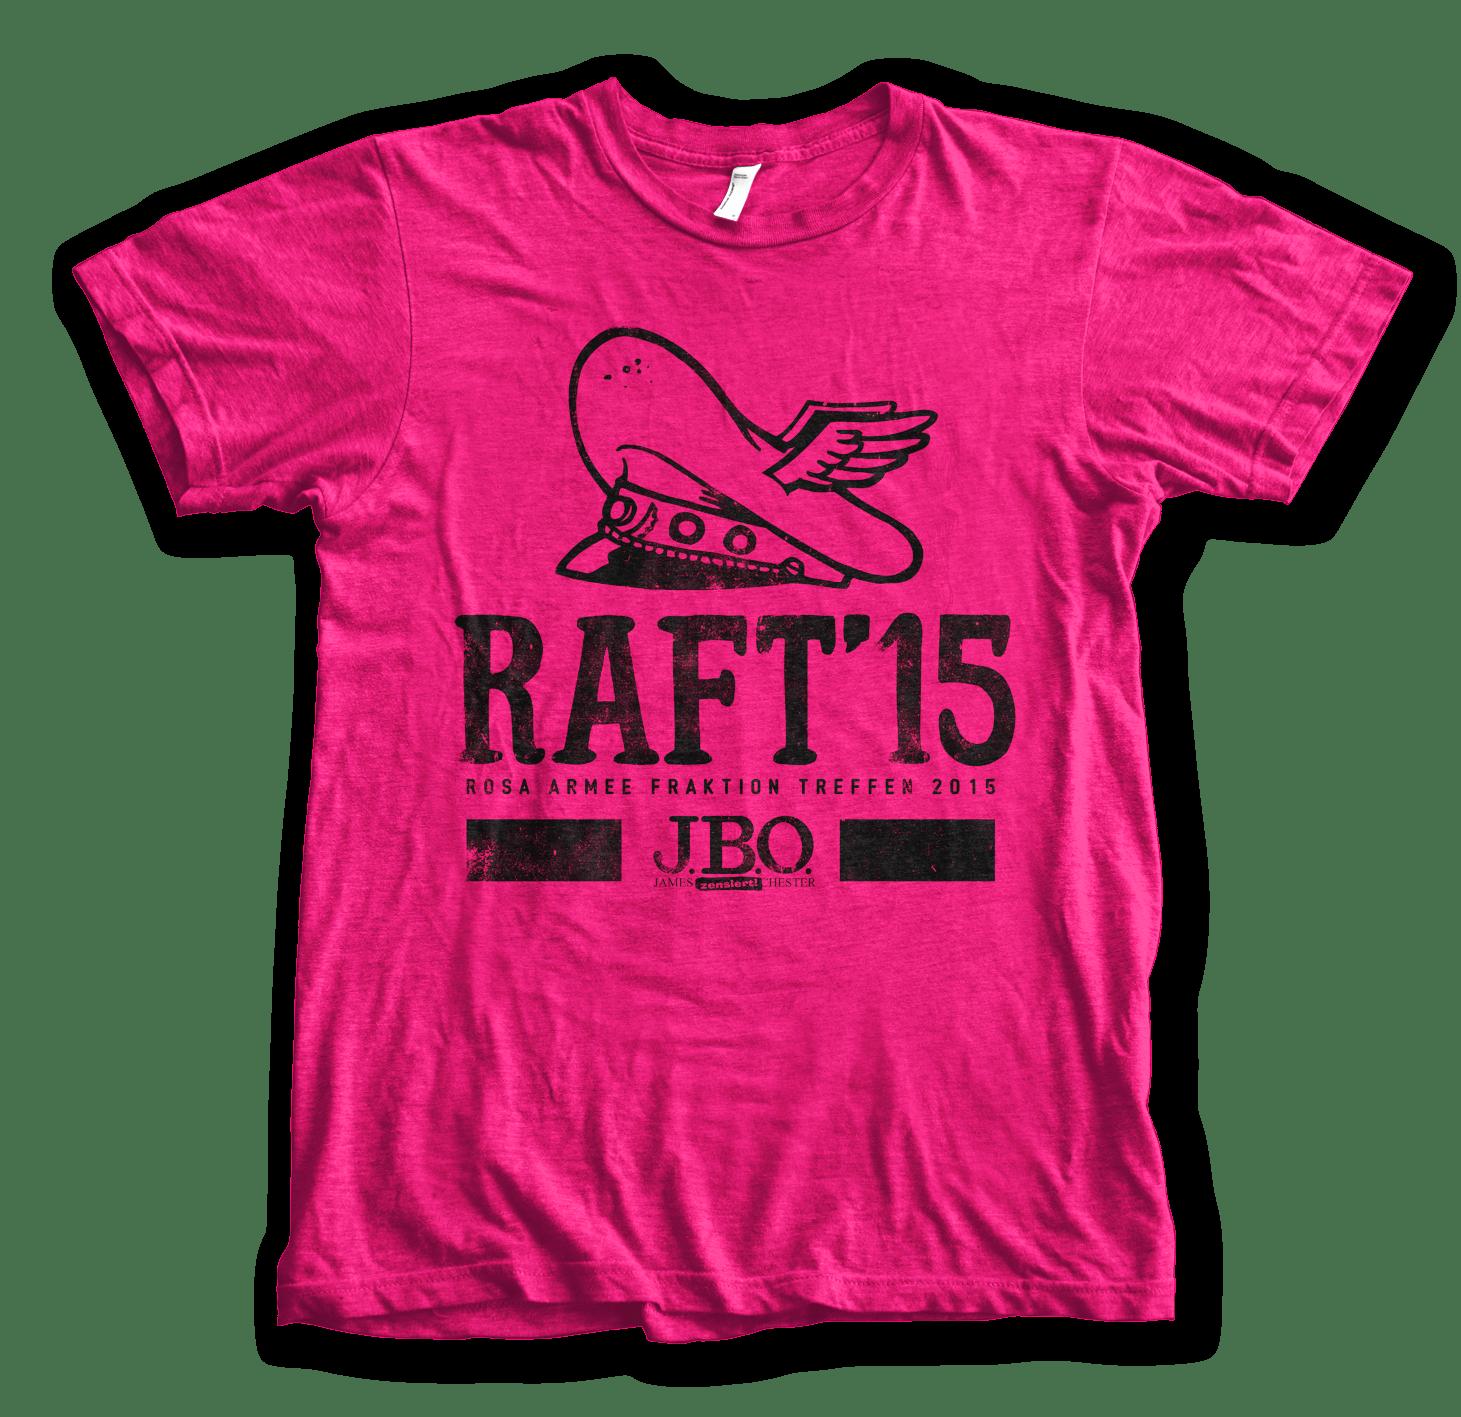 RAFT15 – Anmeldung und Shirtbestellung